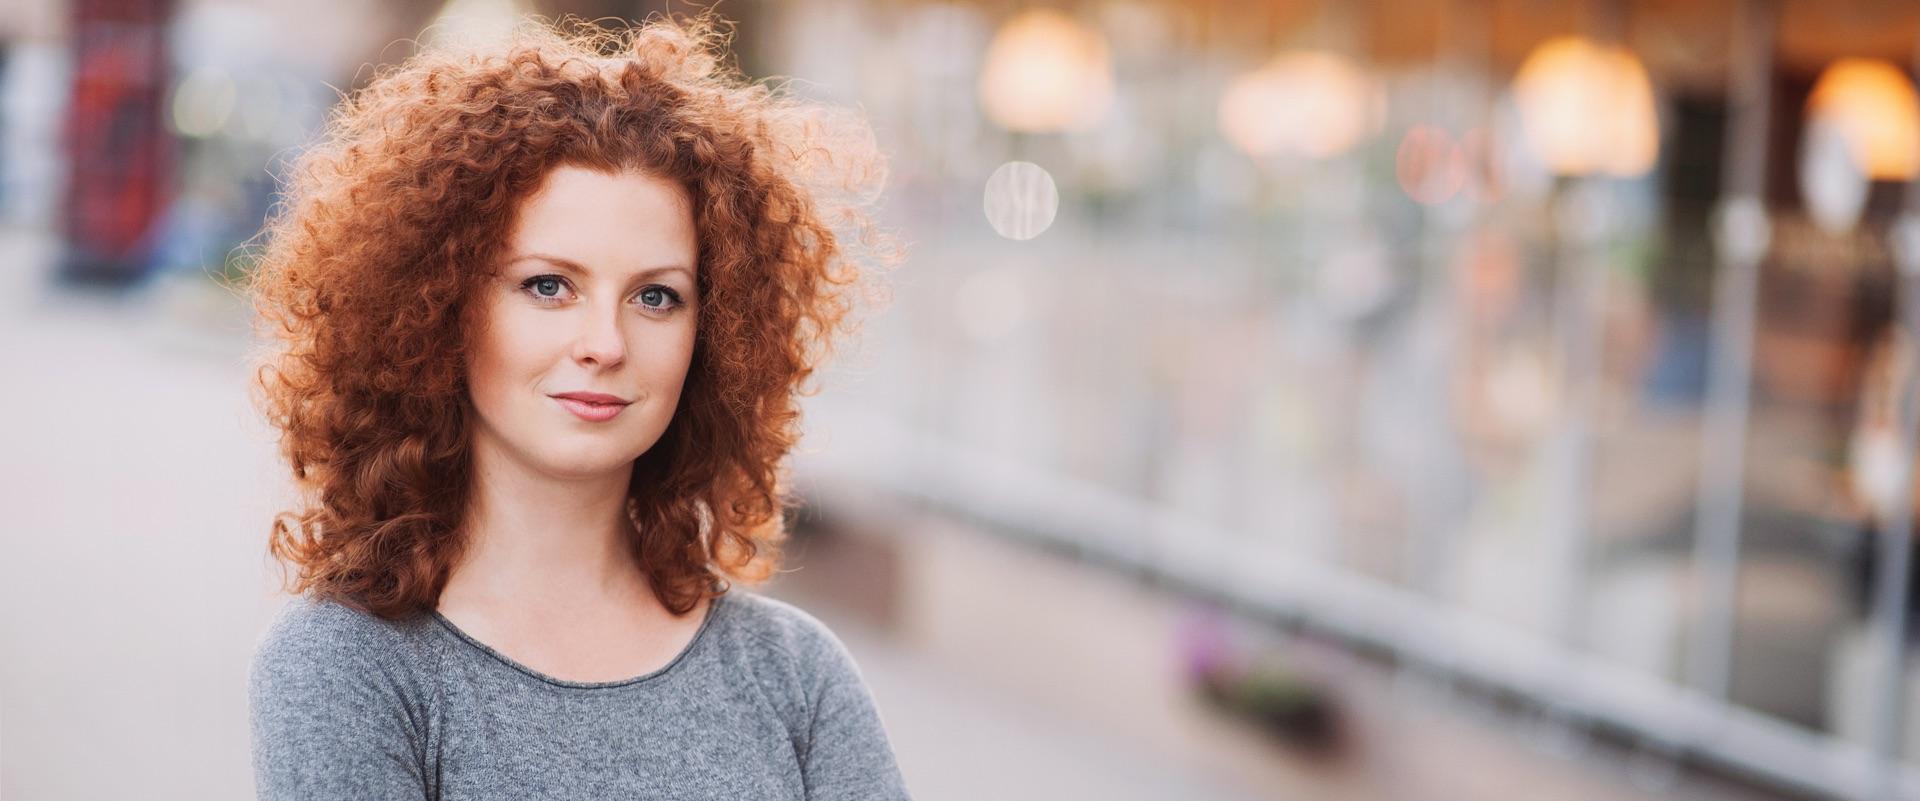 Junge Frau mit roten lockigen Haaren blickt in die Kamera.